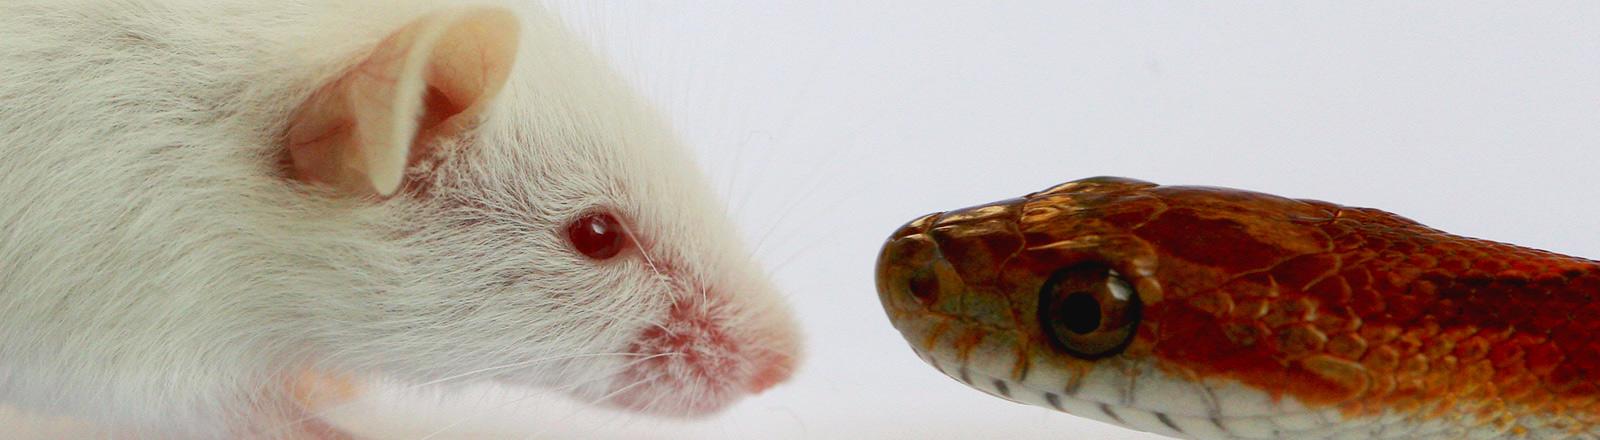 Eine Maus und eine Kornnatter stehen sich gegenüber.